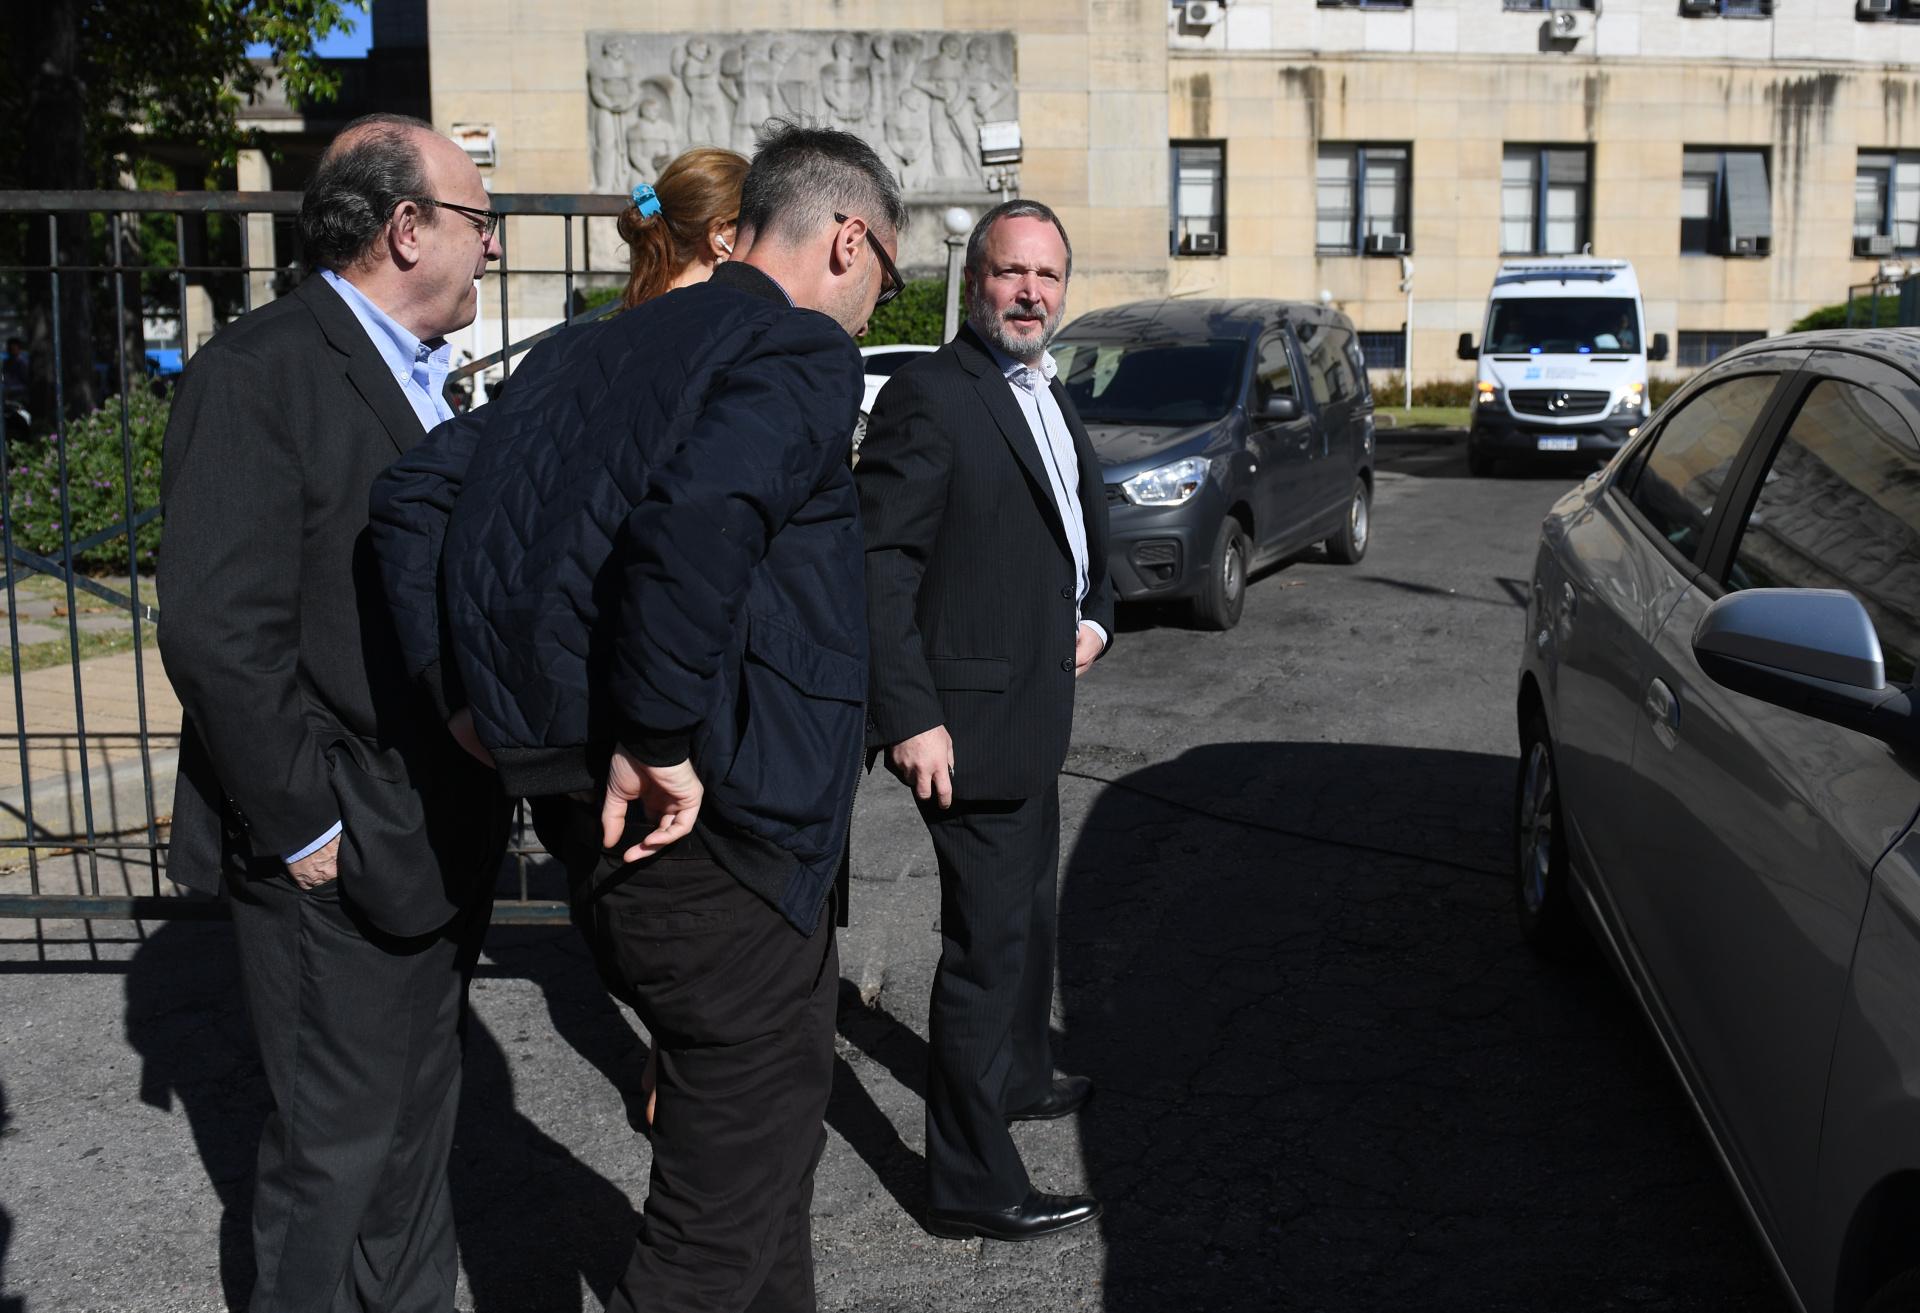 Martín Sabbatella, ex titular de la AFSCA y candidato para asumir en ACUMAR durante el nuevo gobierno